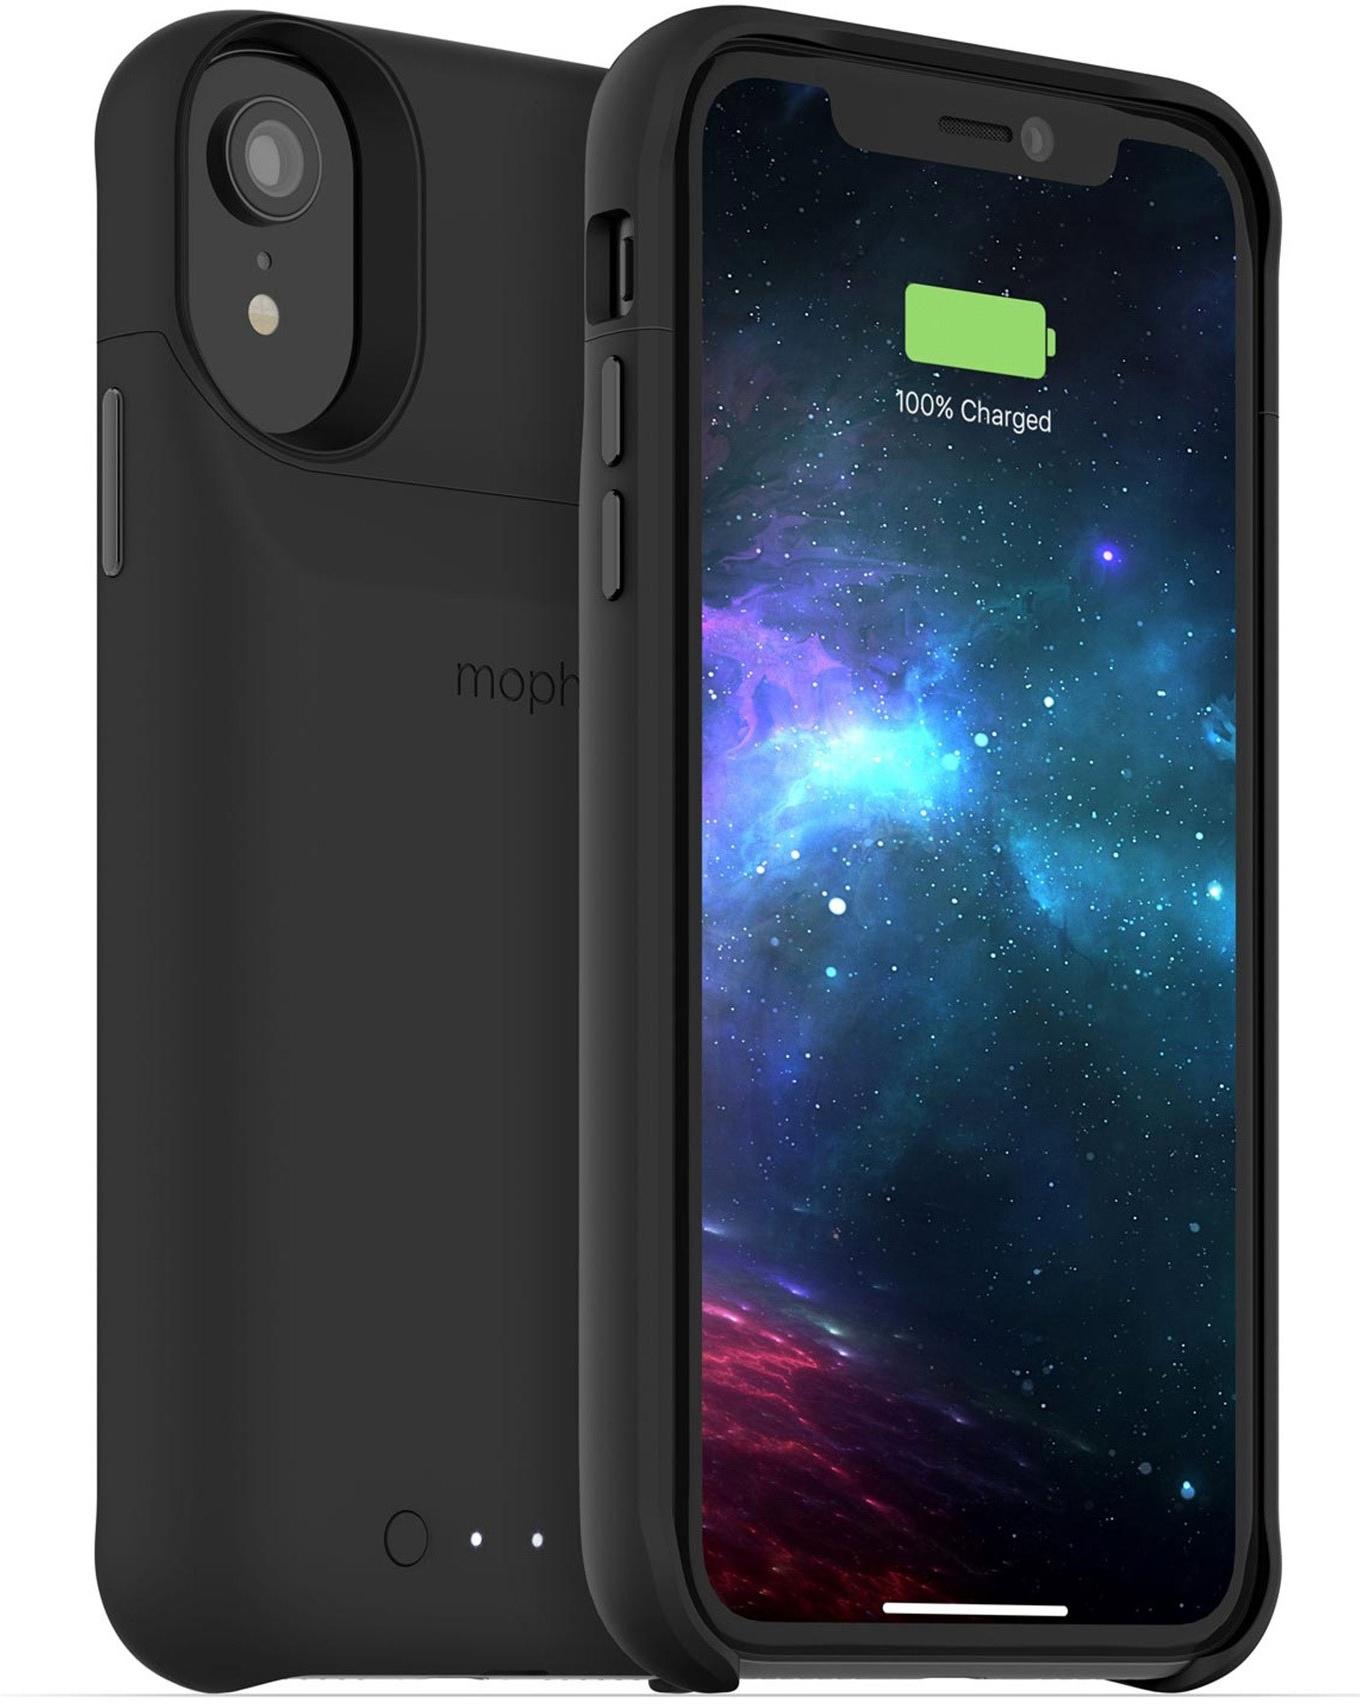 Чехол Mophie Juice Pack Access со встроенным аккумулятором для iPhone XR. Цвет черный. стоимость